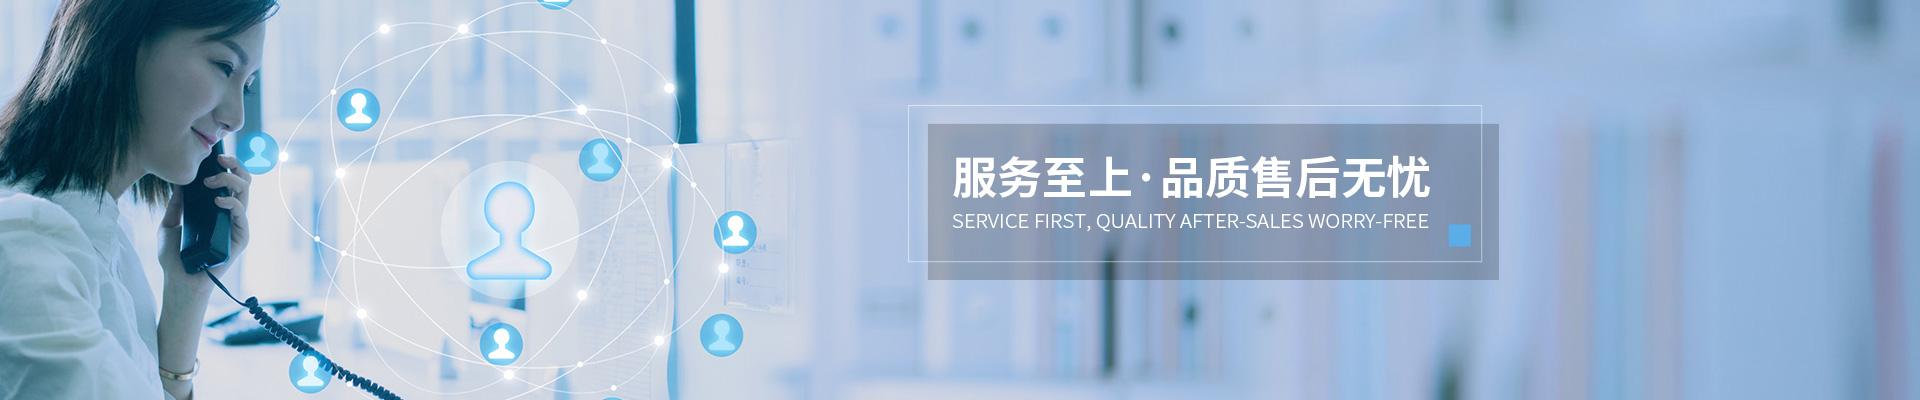 江寧區有哪些冷鏈物流服務選取「南京淮通物流有限公司」